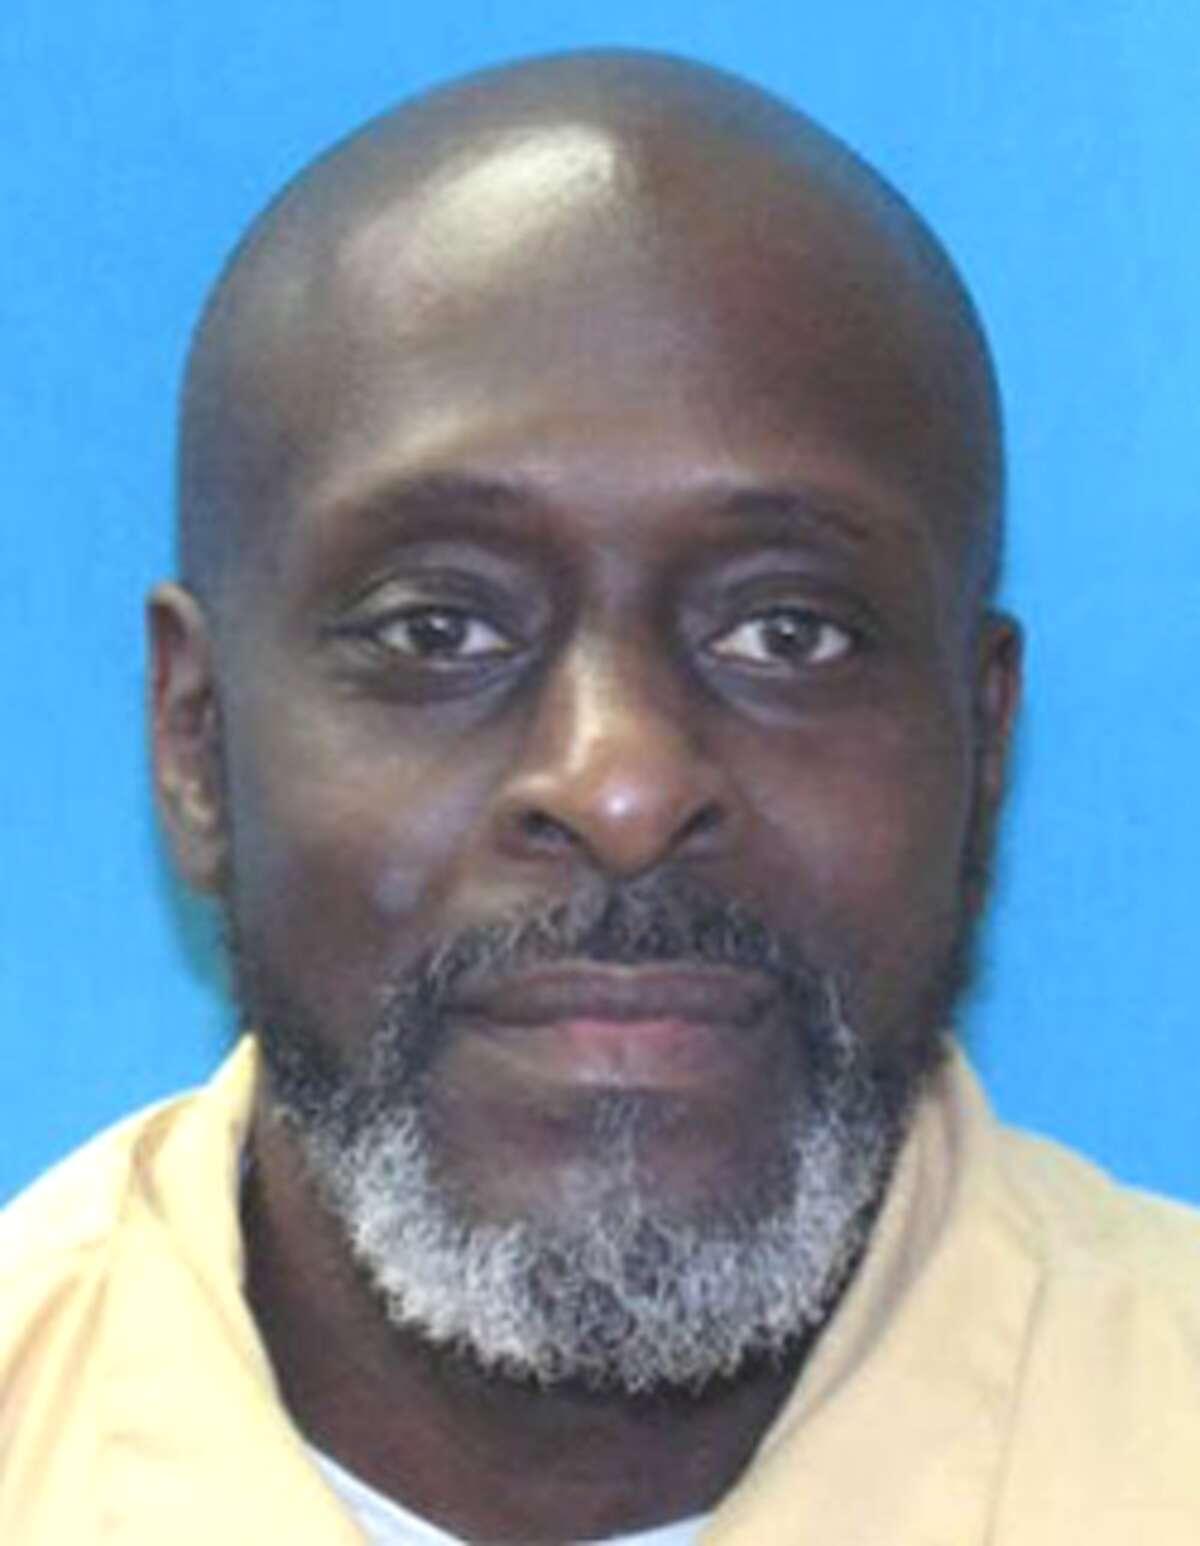 A photo of suspect Daniel W. Hamlett Sr. taken in 2009.